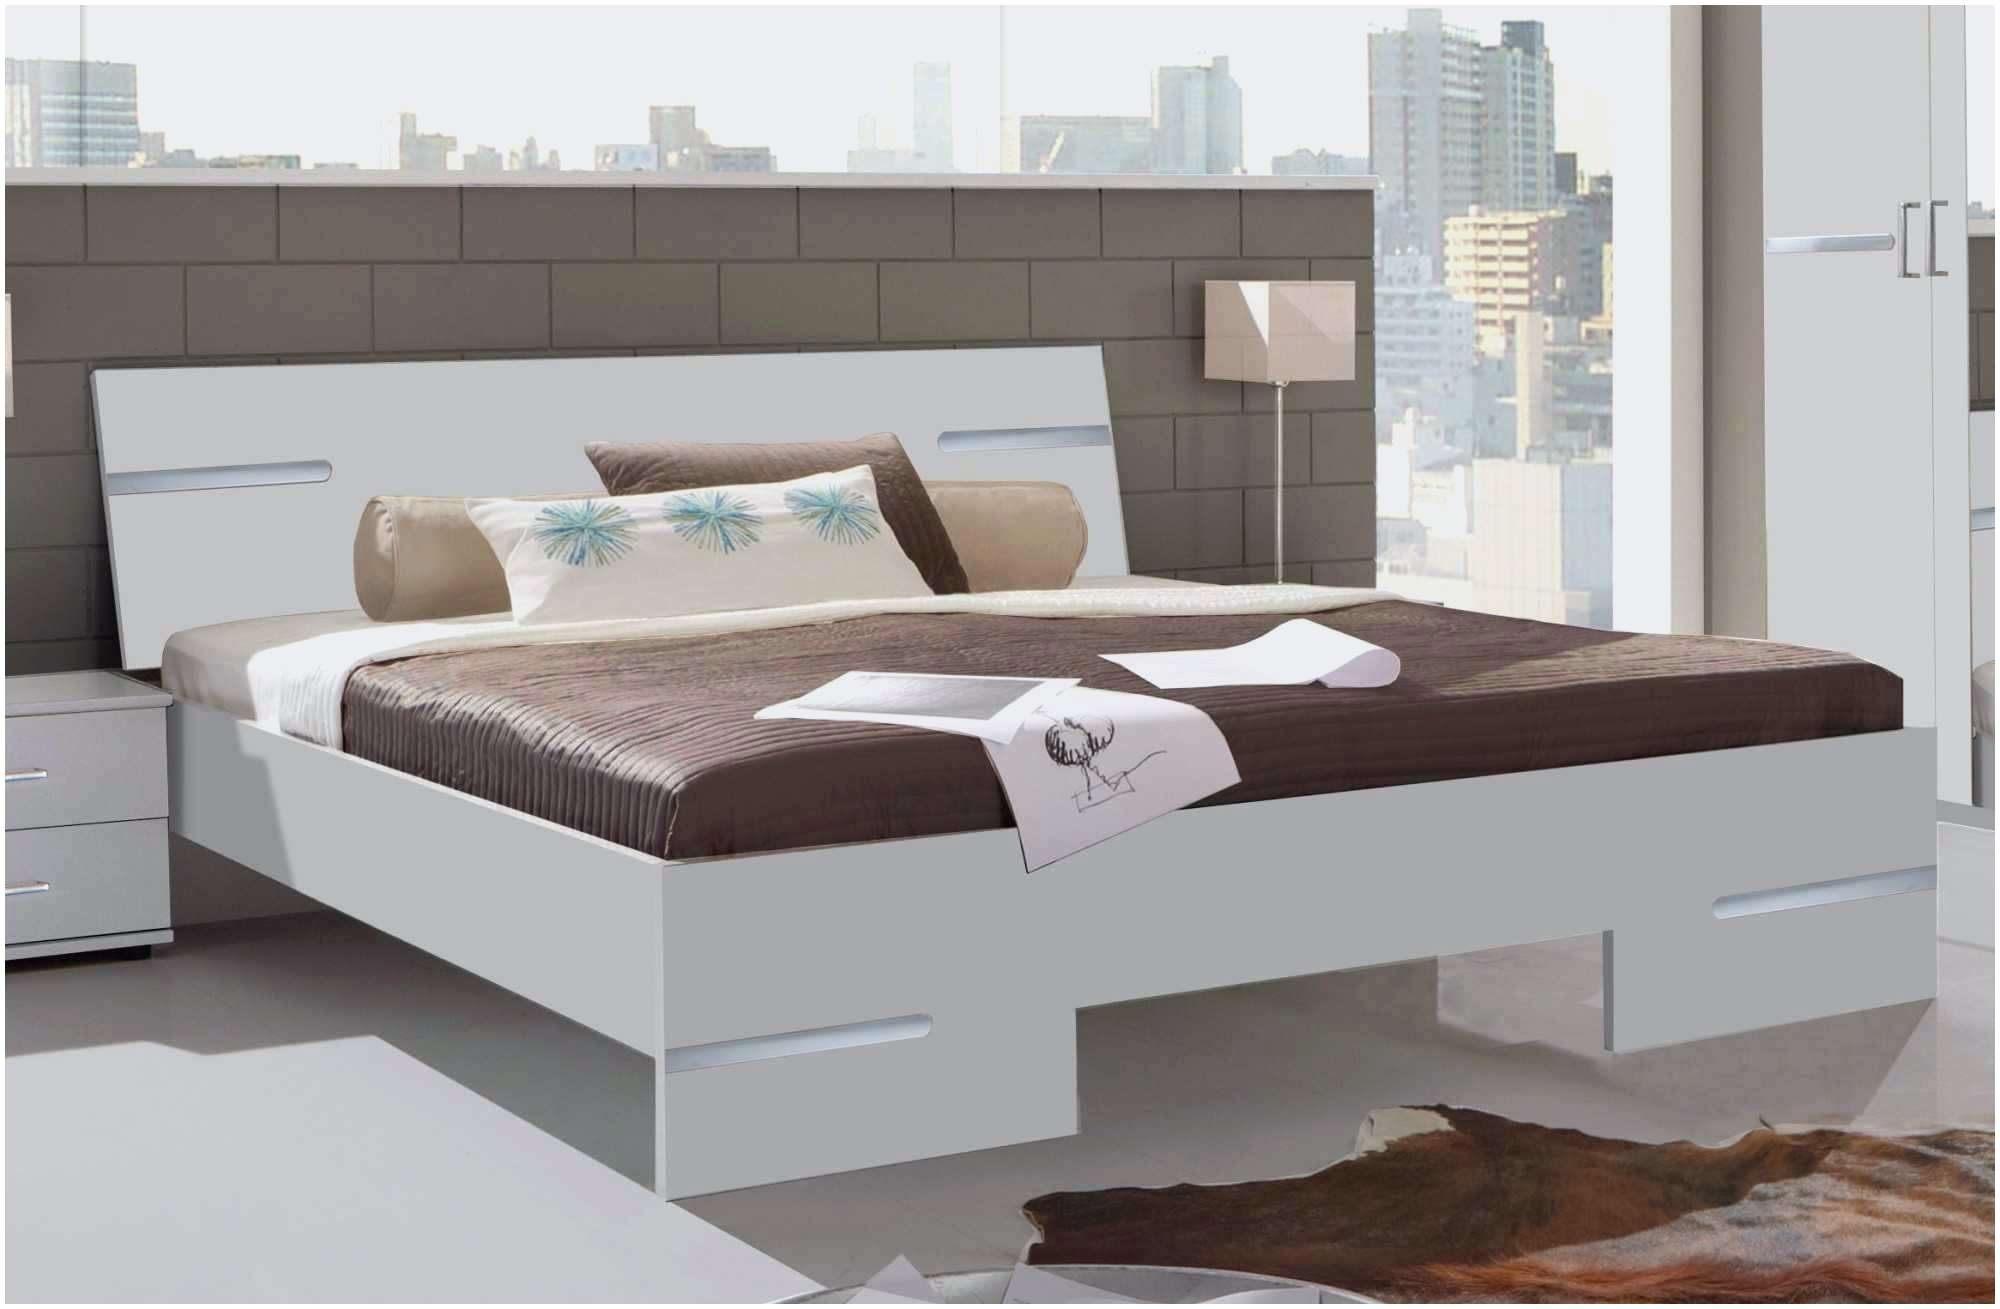 Lit Convertible Ikea Magnifique Unique Table Relevable Ikea Luxe Lit Relevable Ikea Meilleur De